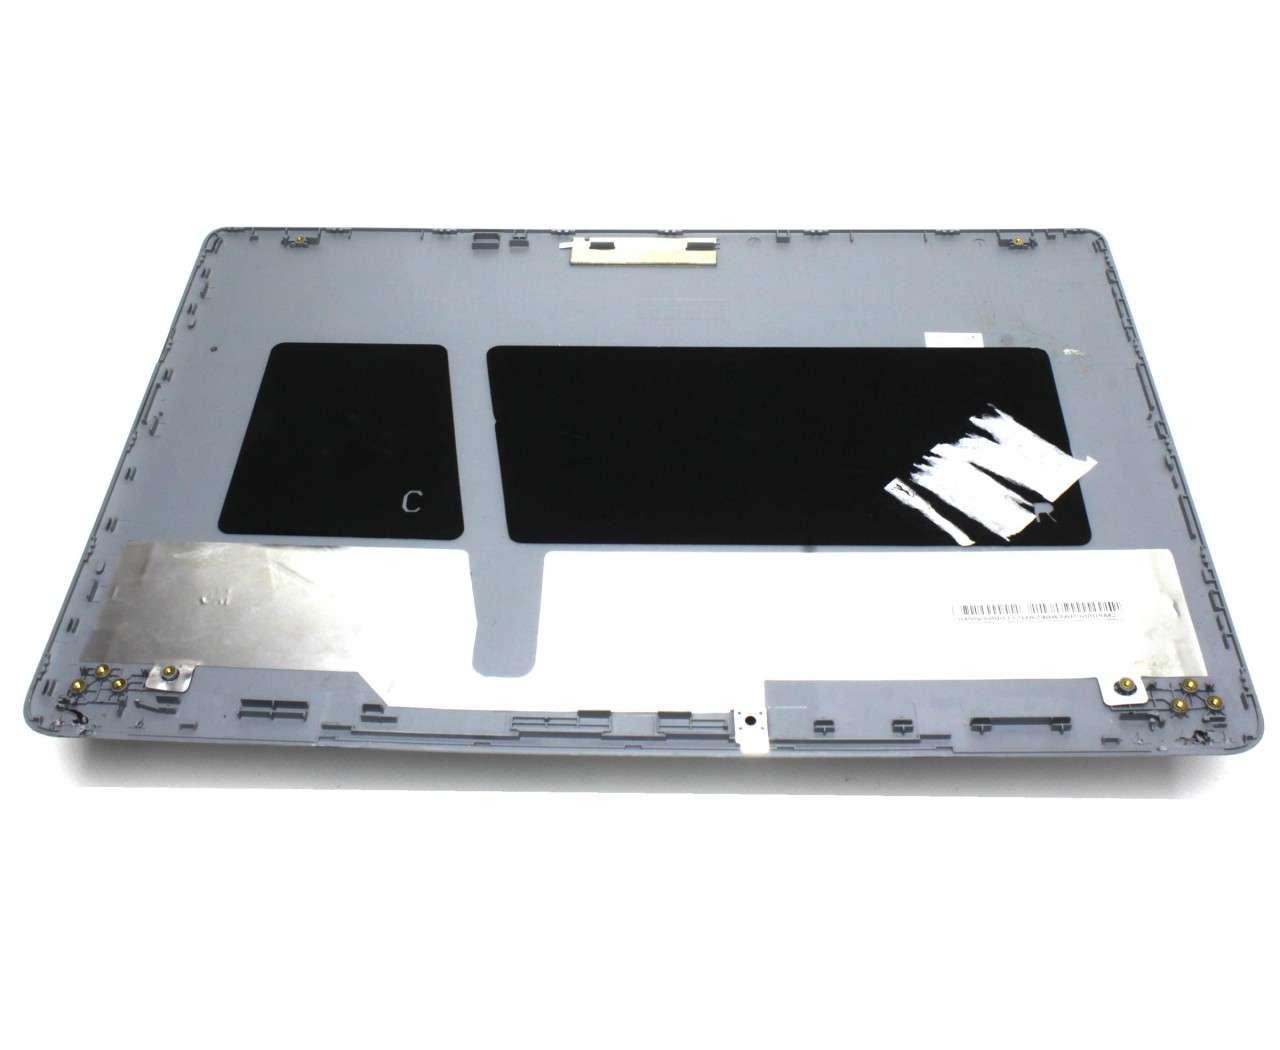 Capac Display BackCover Packard Bell EasyNote TE69KB Carcasa Display Argintie imagine powerlaptop.ro 2021